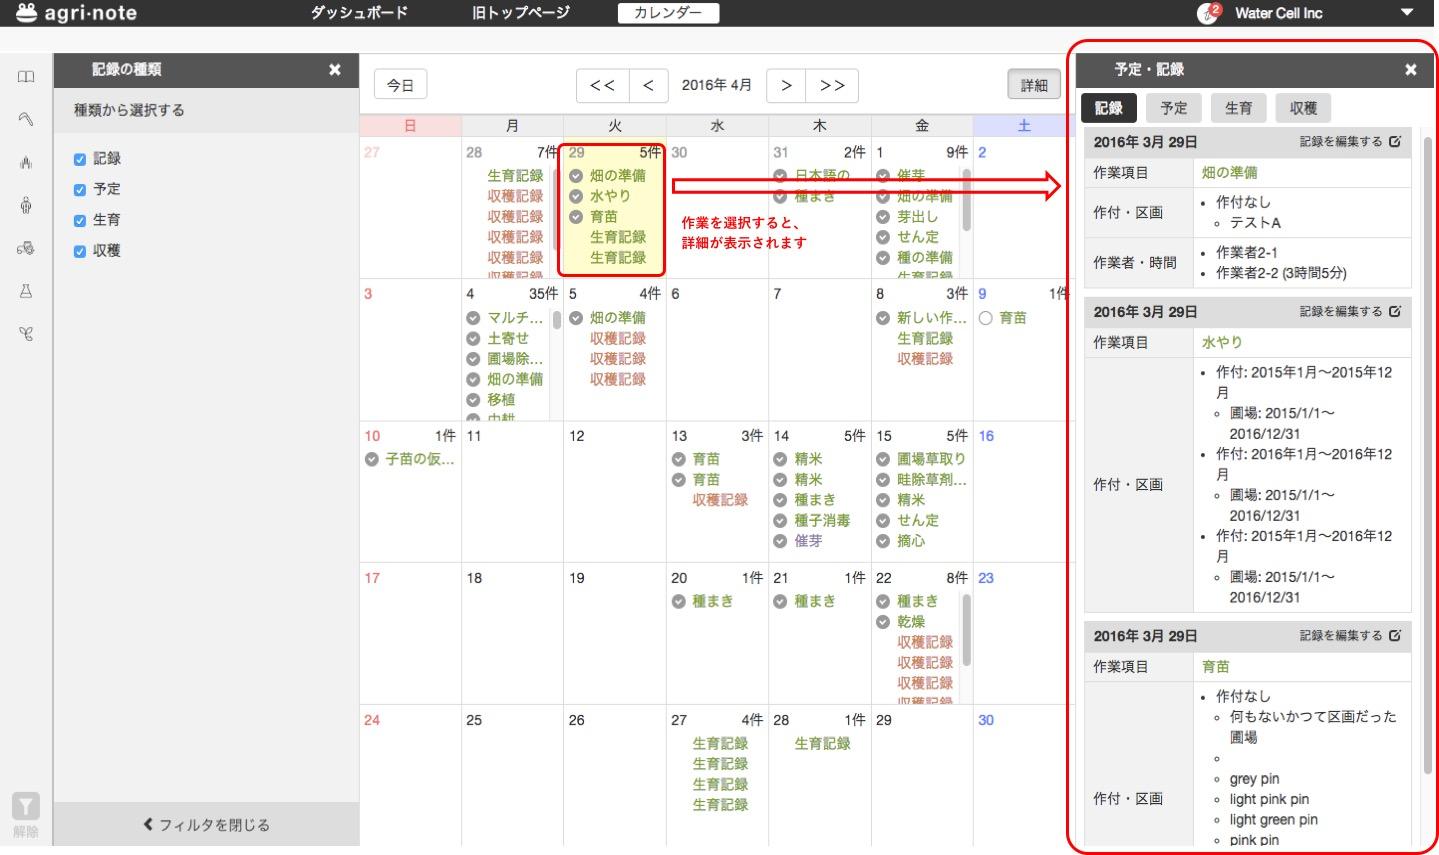 カレンダー - 作業詳細機能